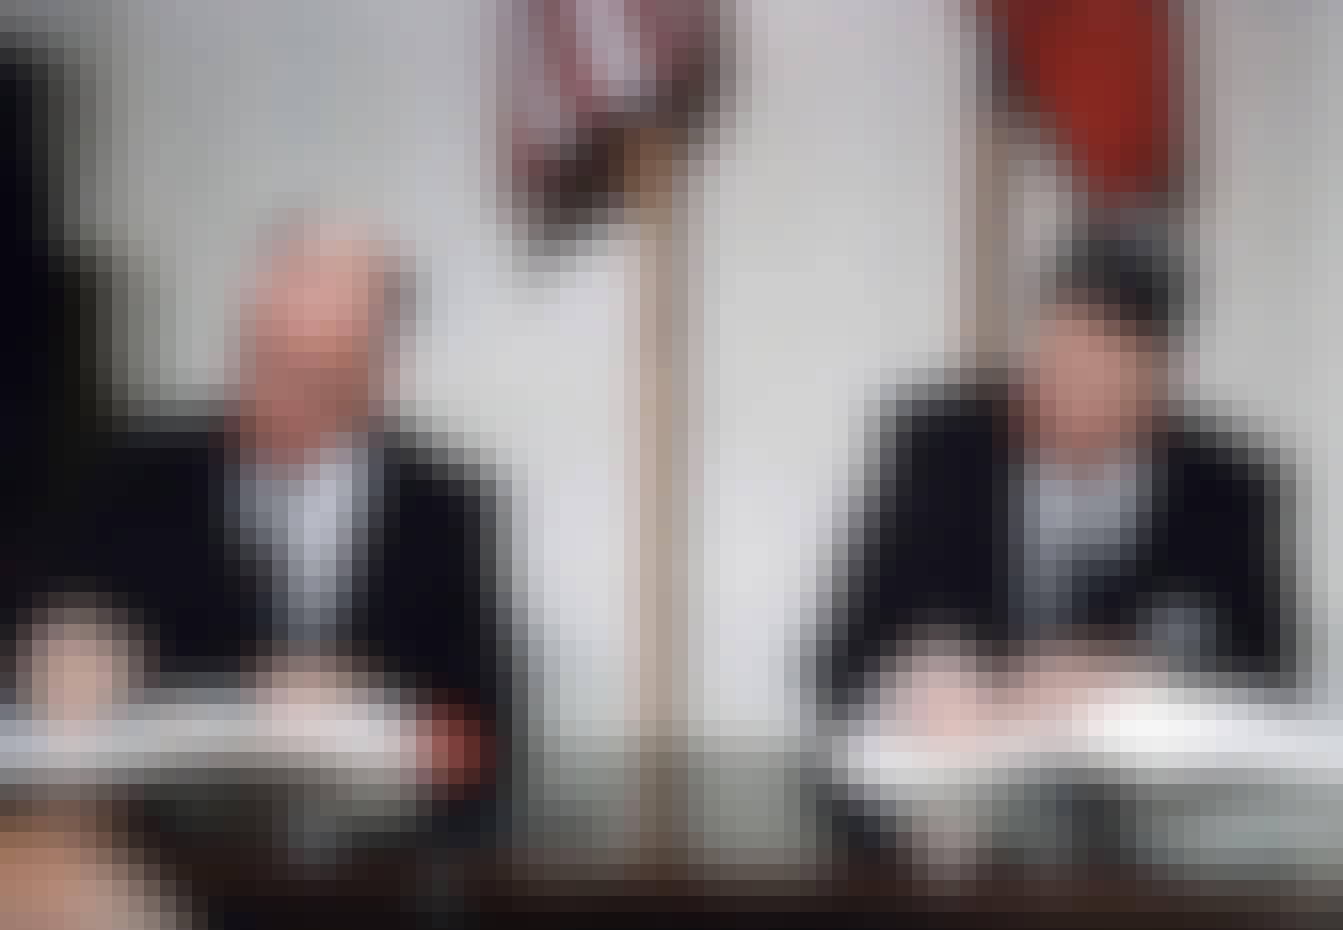 Reagan og Gorbachev underskriver nedrustningsaftale